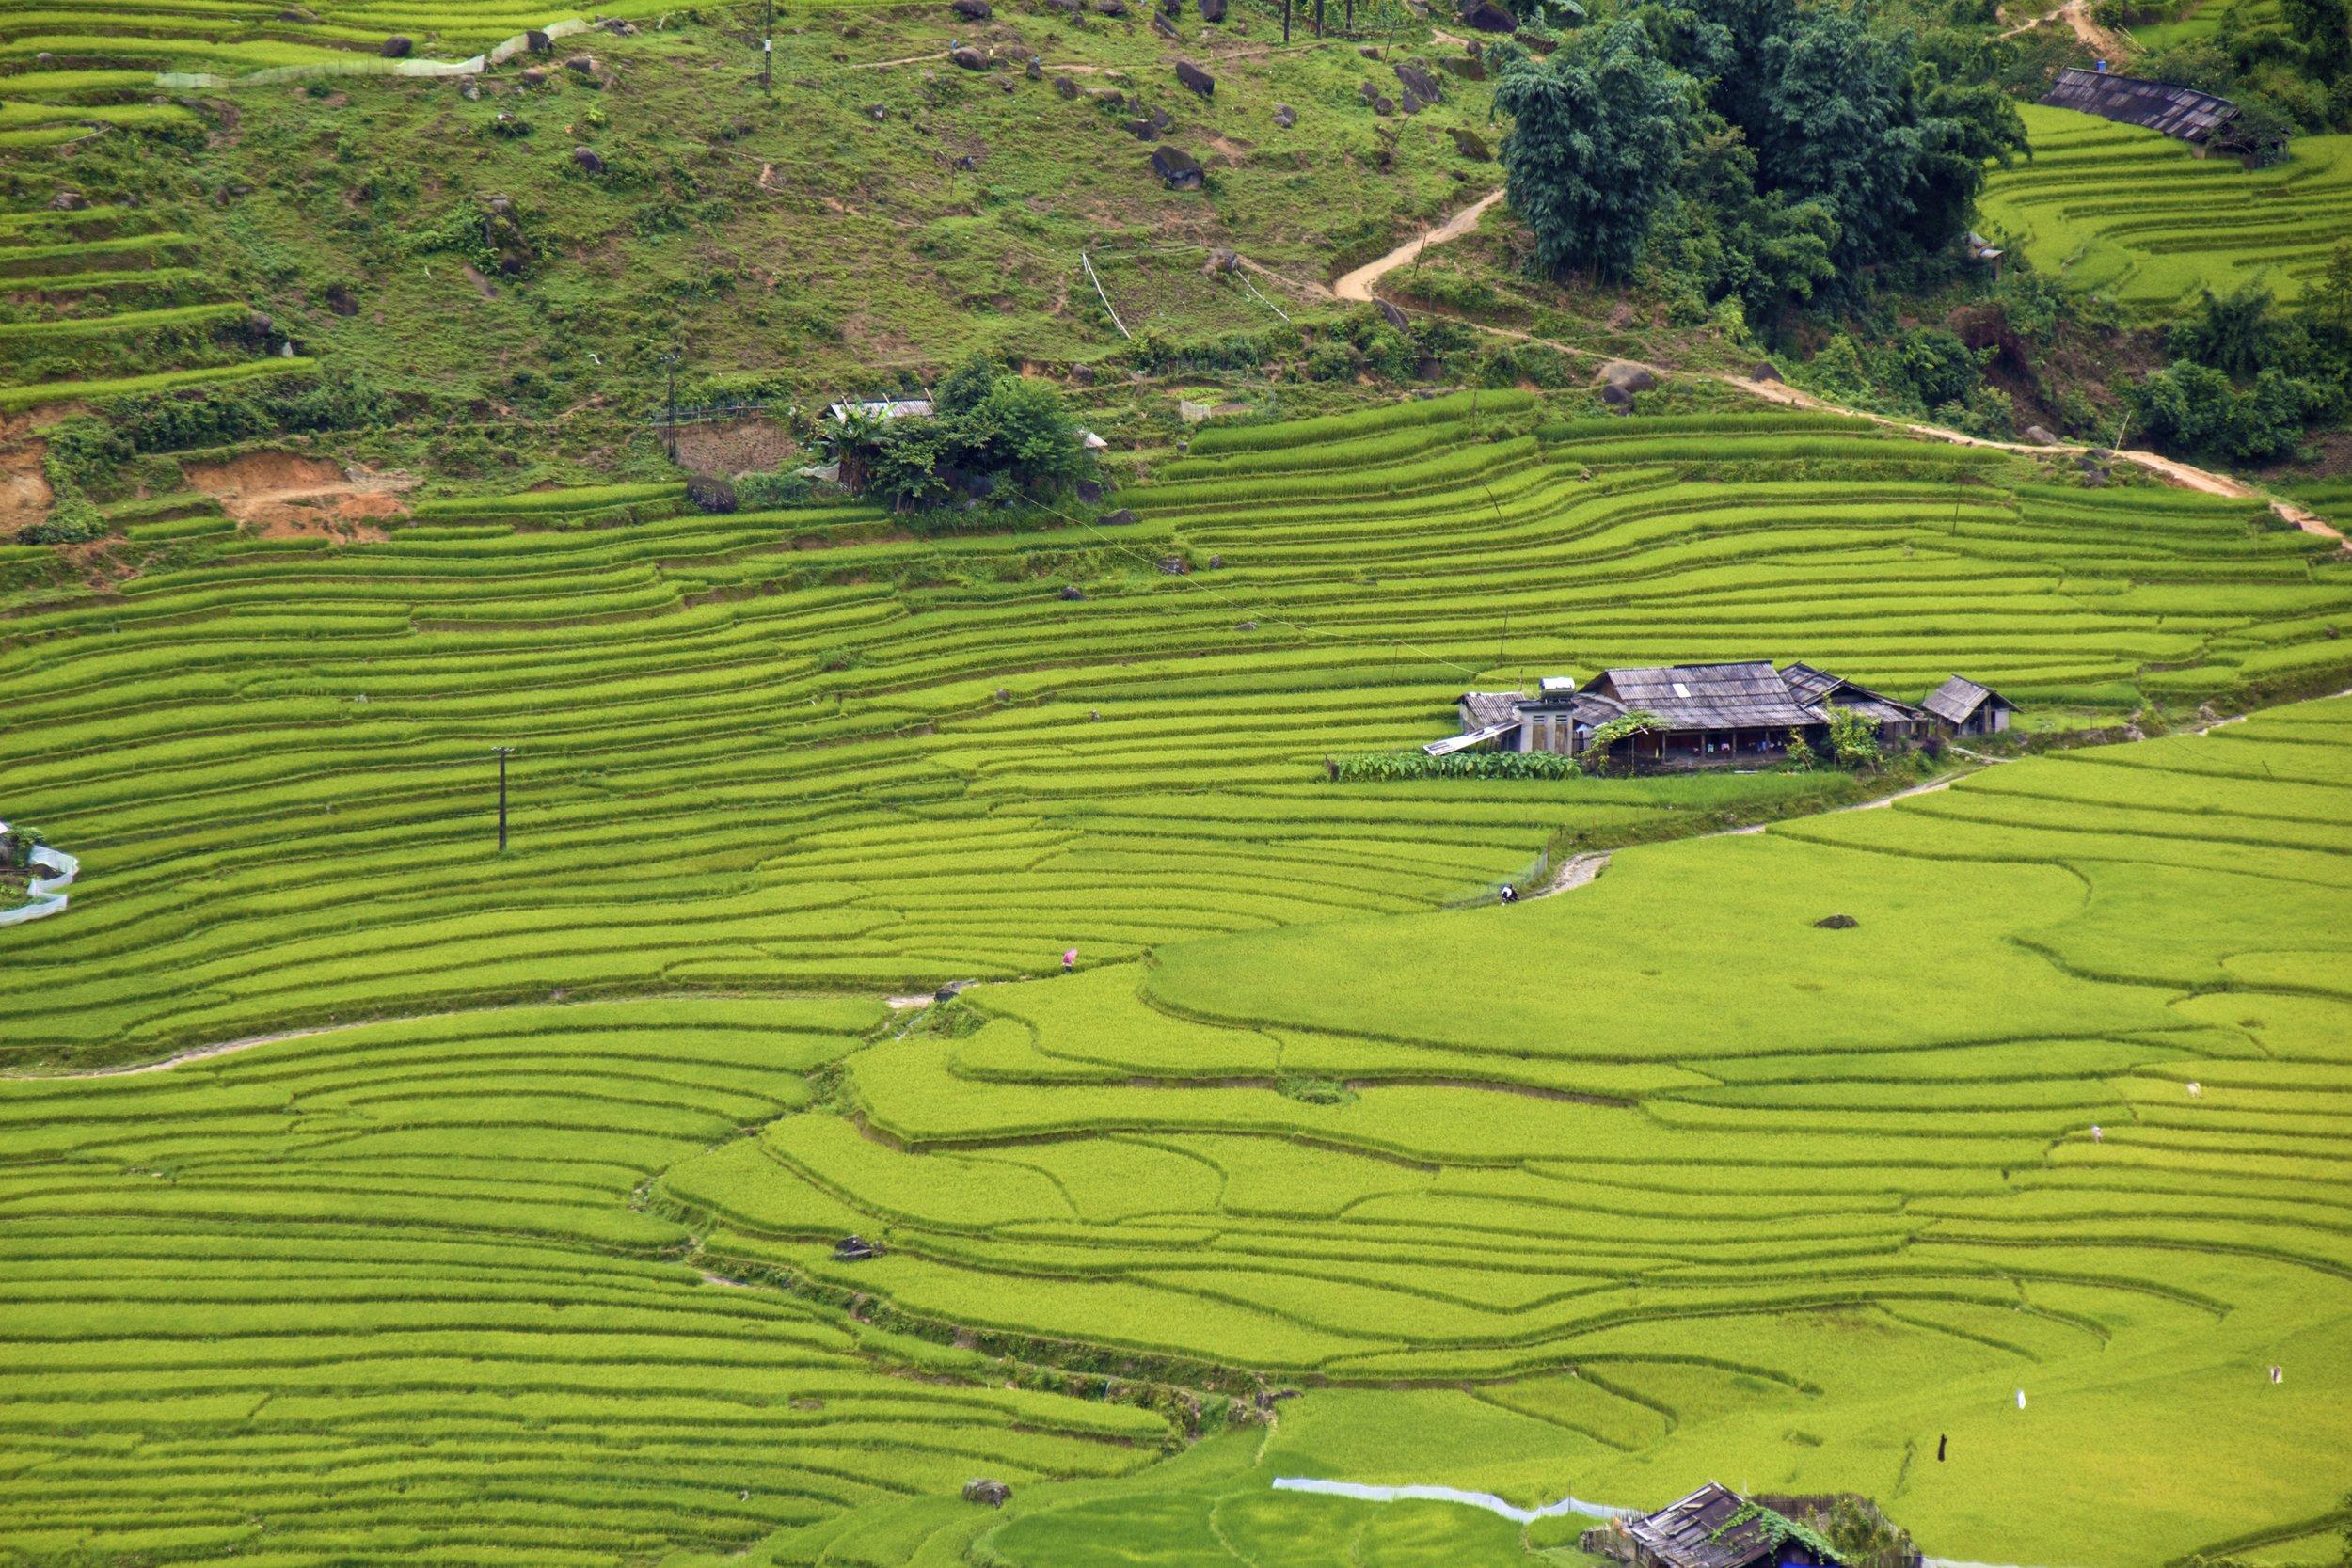 sa pa lao cai vietnam rice paddies 33.jpg